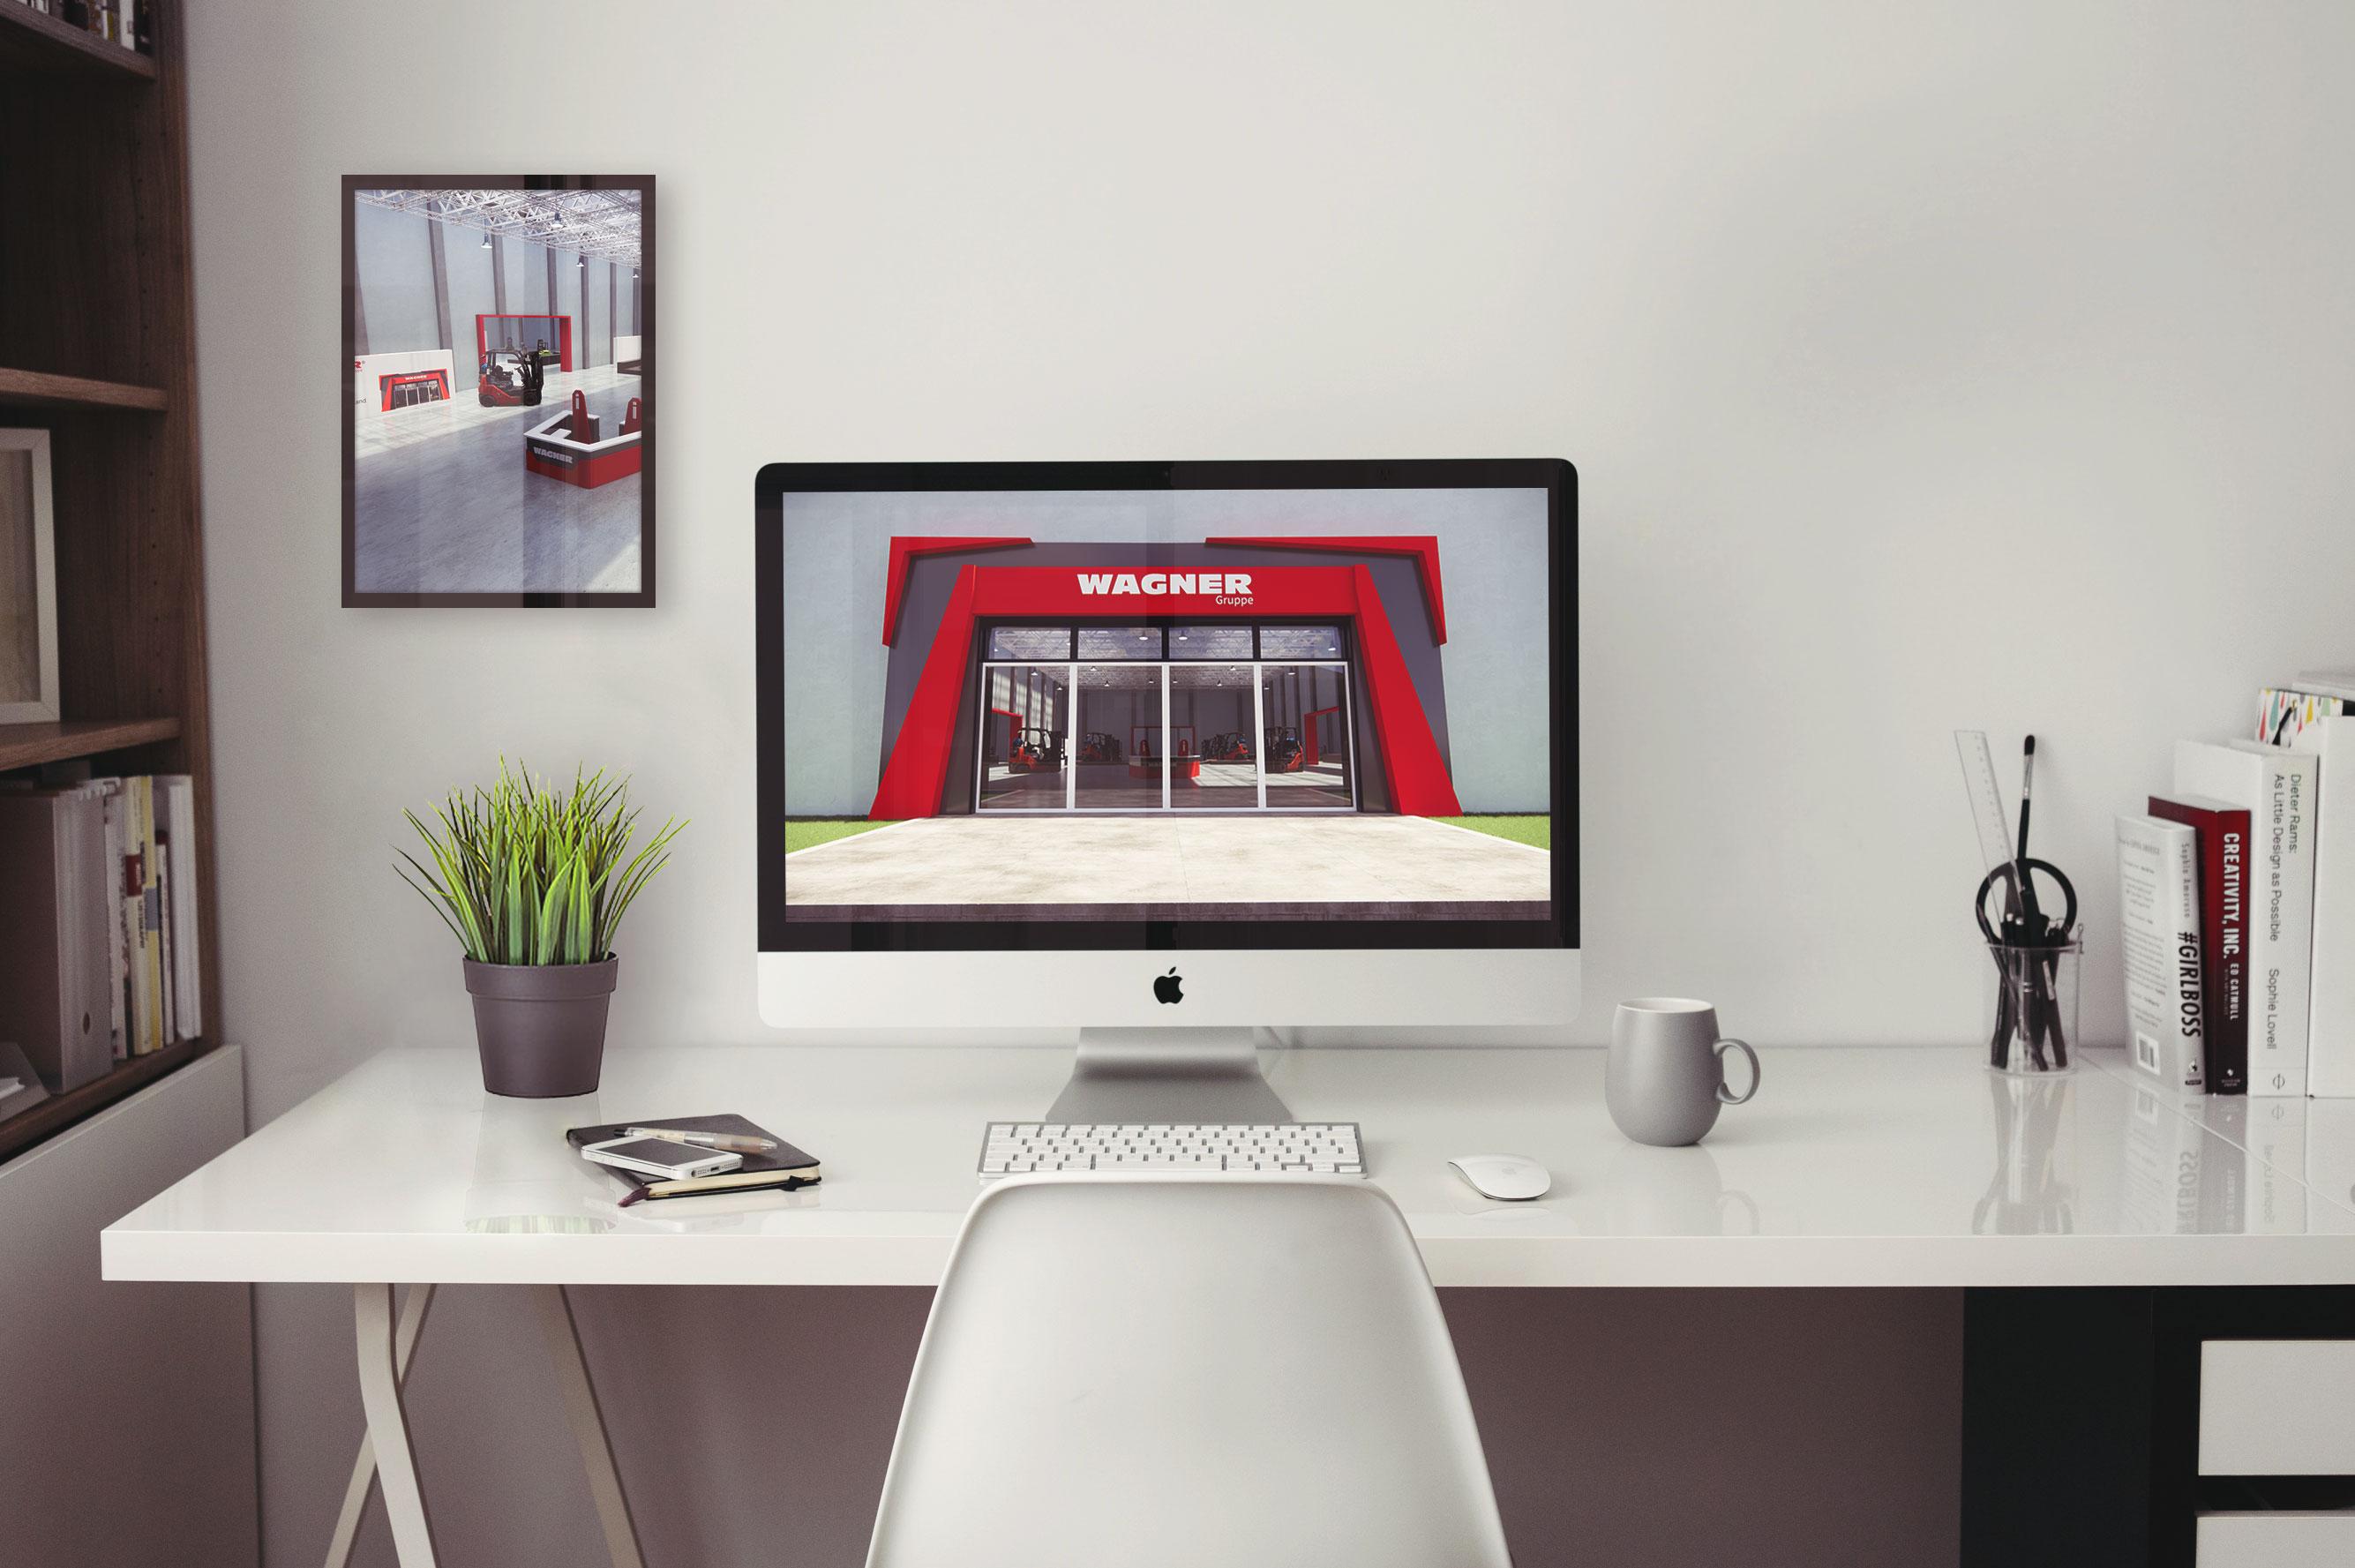 Darstellung einer Referenz in einem PC Bildschirm und einem Bild an der Wand